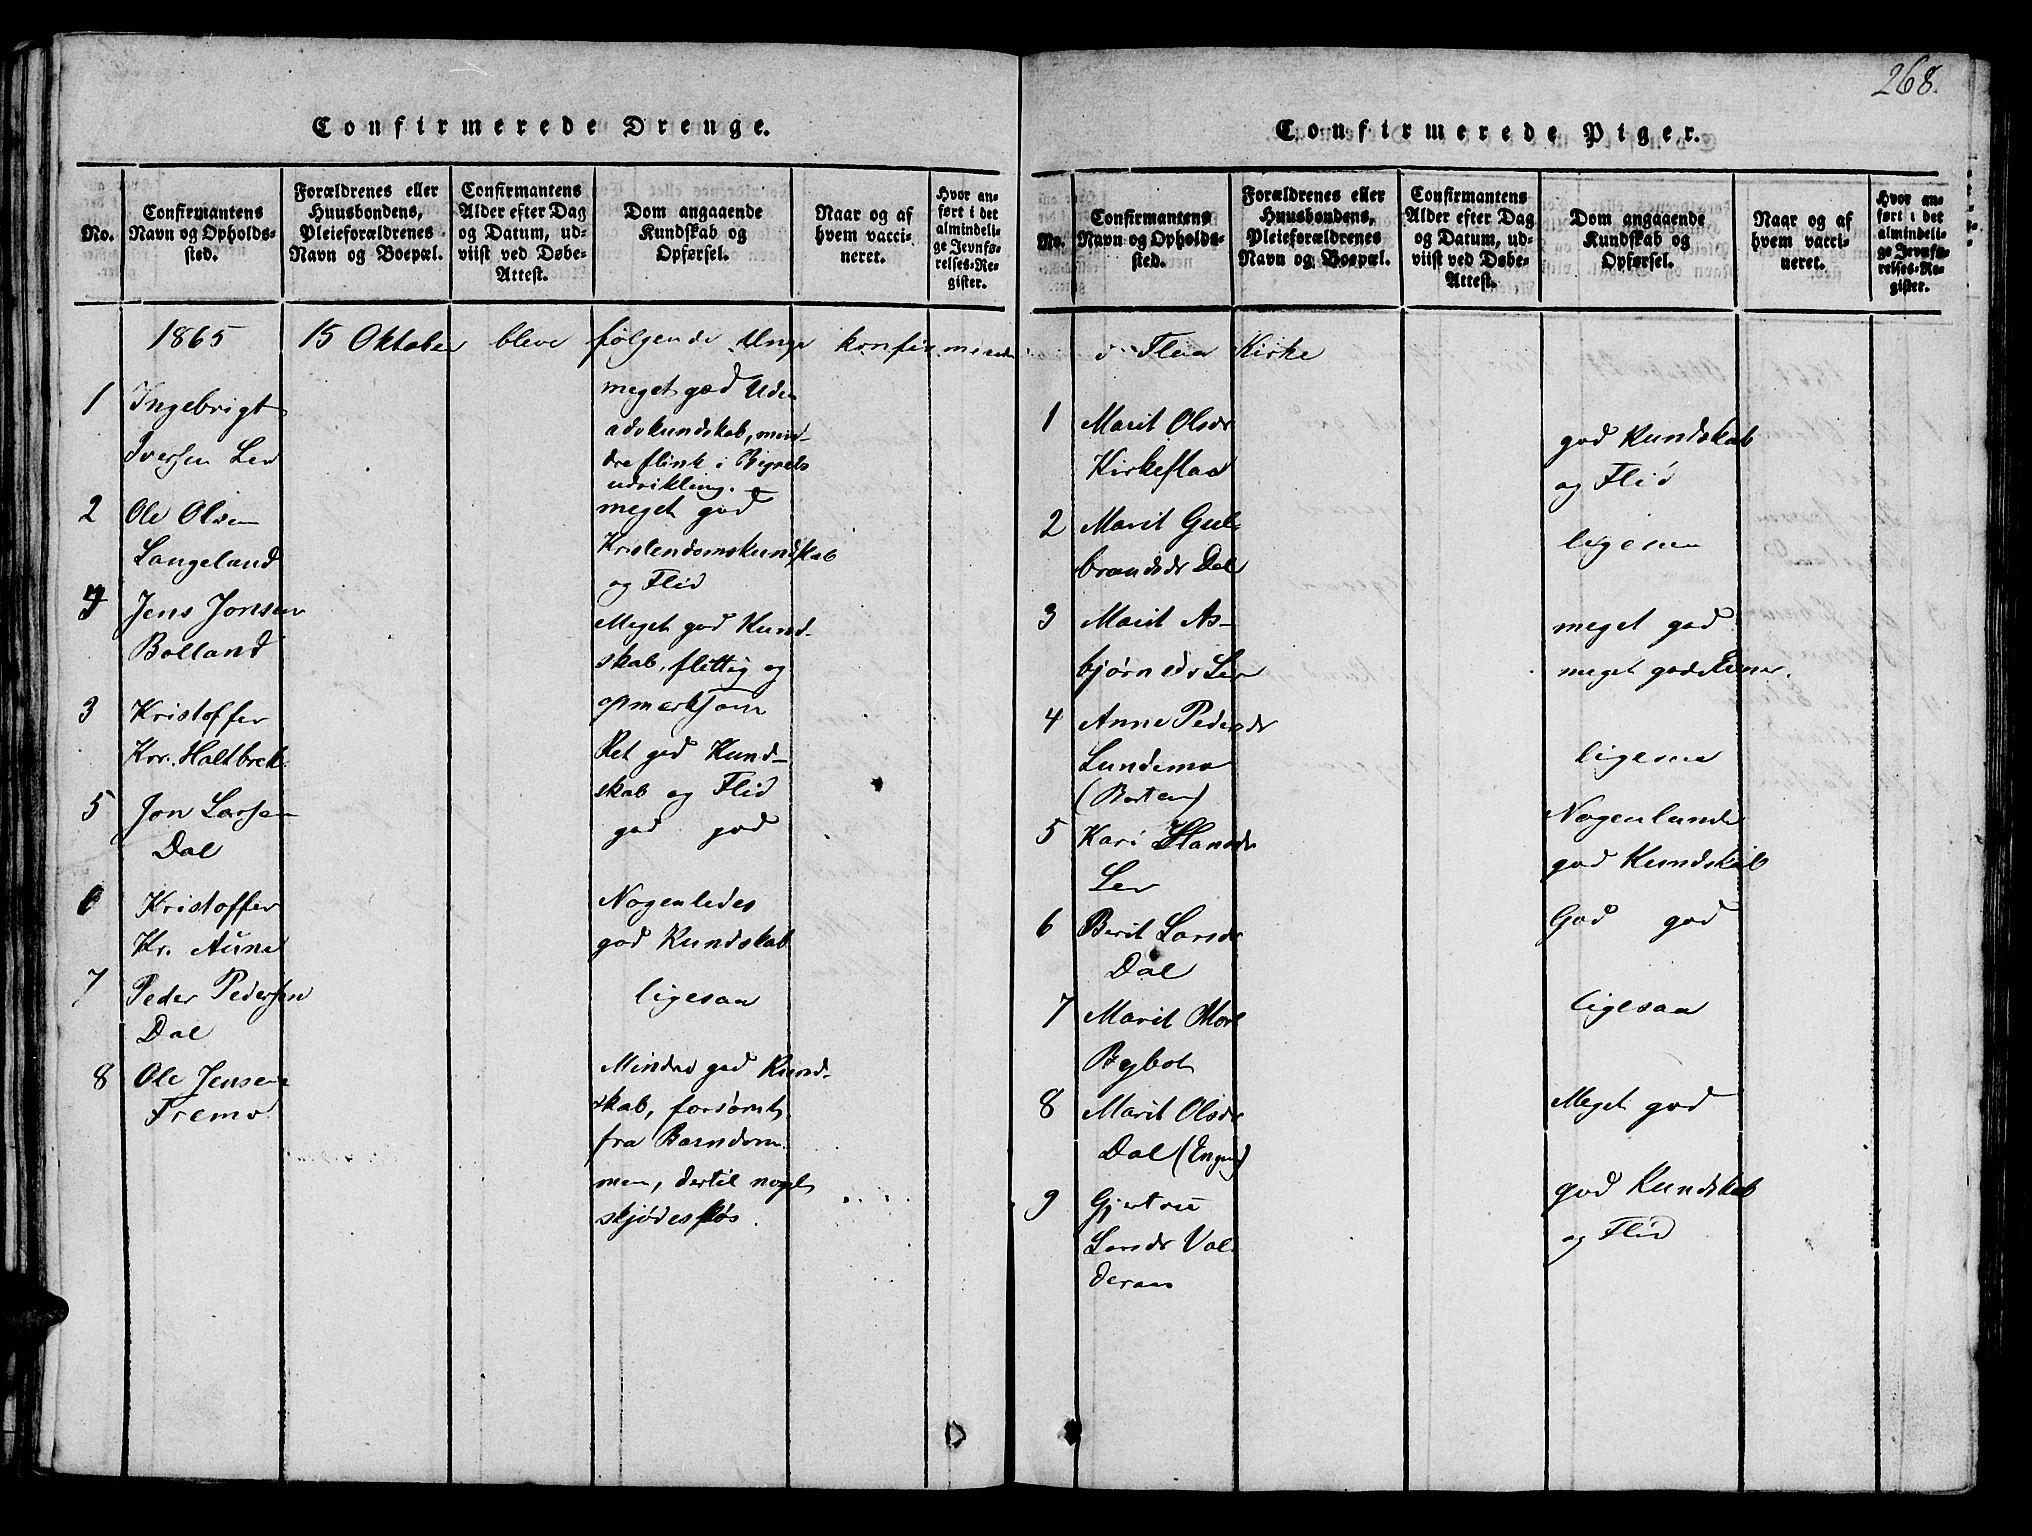 SAT, Ministerialprotokoller, klokkerbøker og fødselsregistre - Sør-Trøndelag, 693/L1121: Klokkerbok nr. 693C02, 1816-1869, s. 268